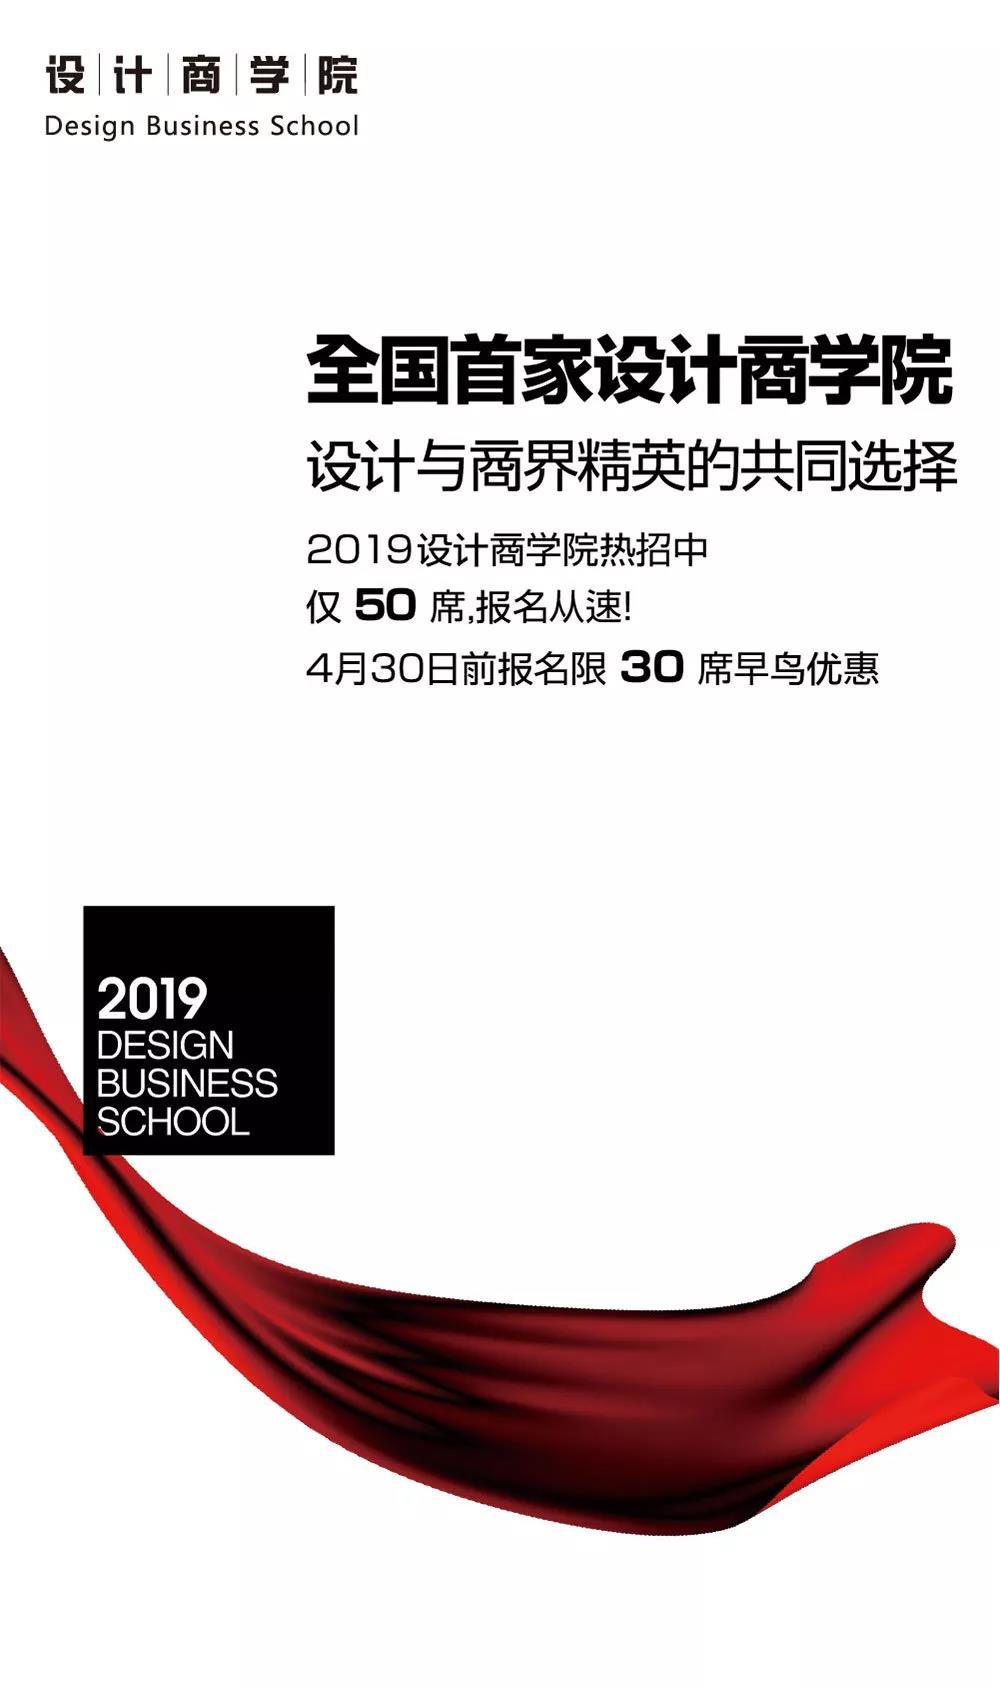 启动招生|设计商学院2019年第三届全新升级设计商业学,业界精英们的共同选择